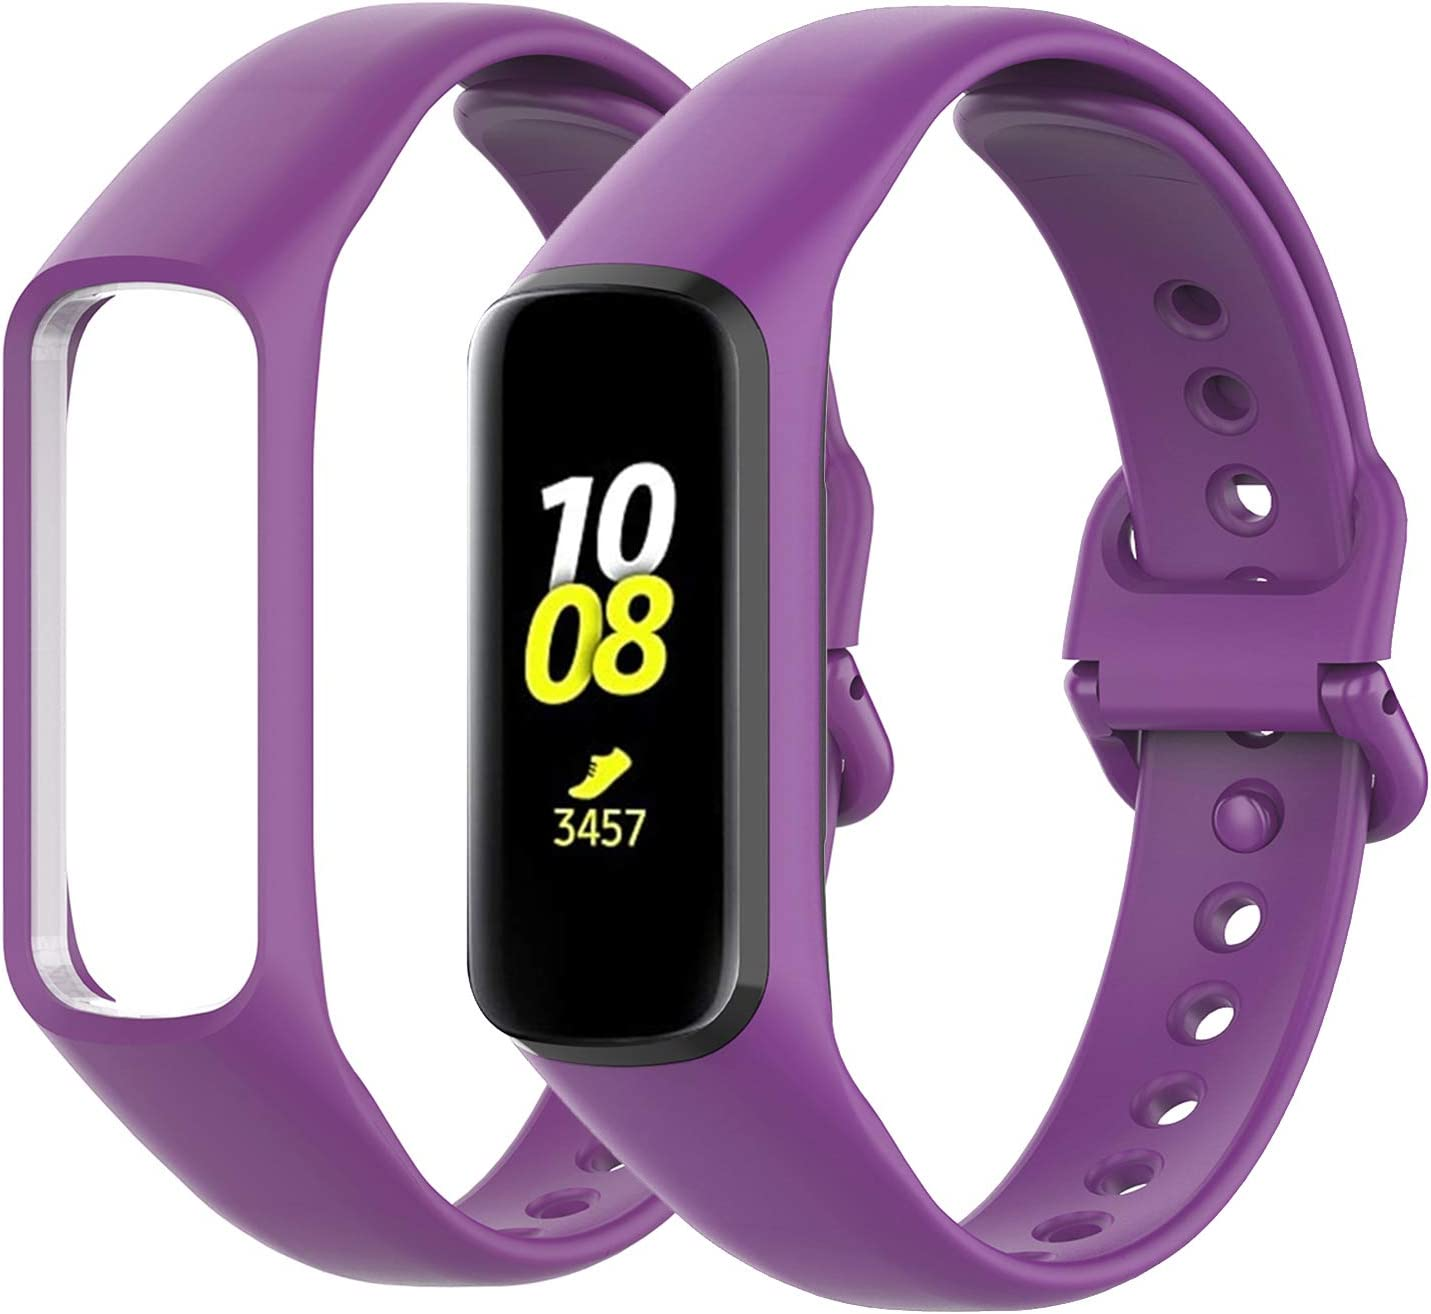 Malla Silicona Samsung Galaxy Fit 2 purpura 1 Pack